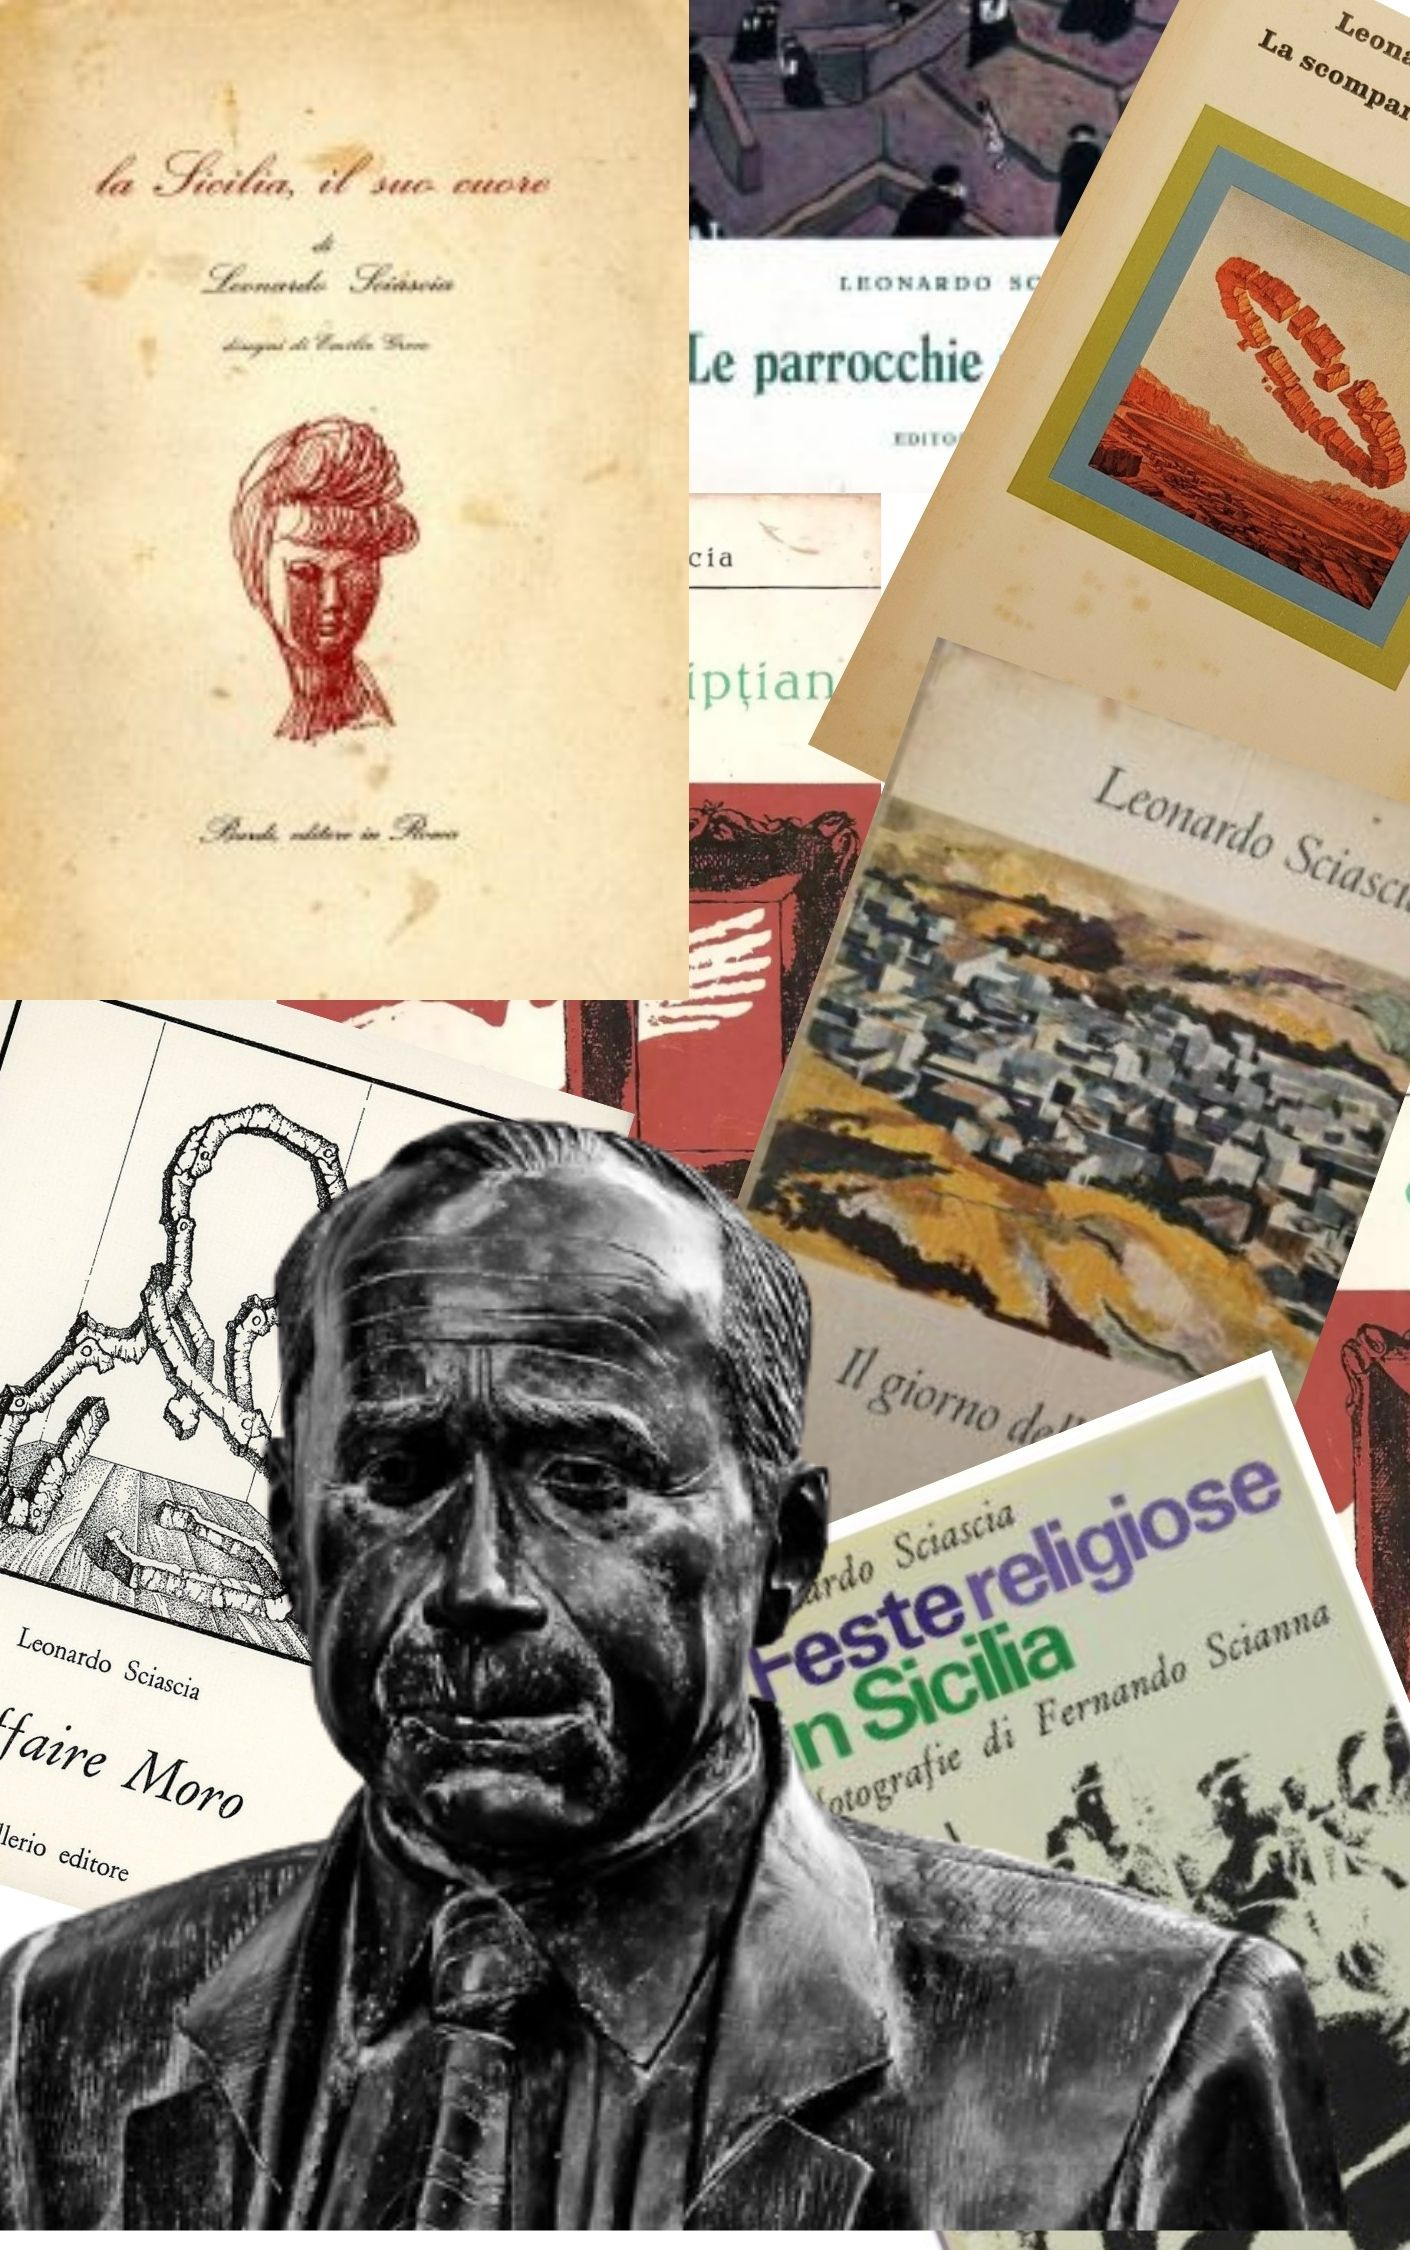 100 anni fa nasceva a Racalmuto il grande scrittore Leonardo Sciascia: i suoi libri più rari e ricercati!